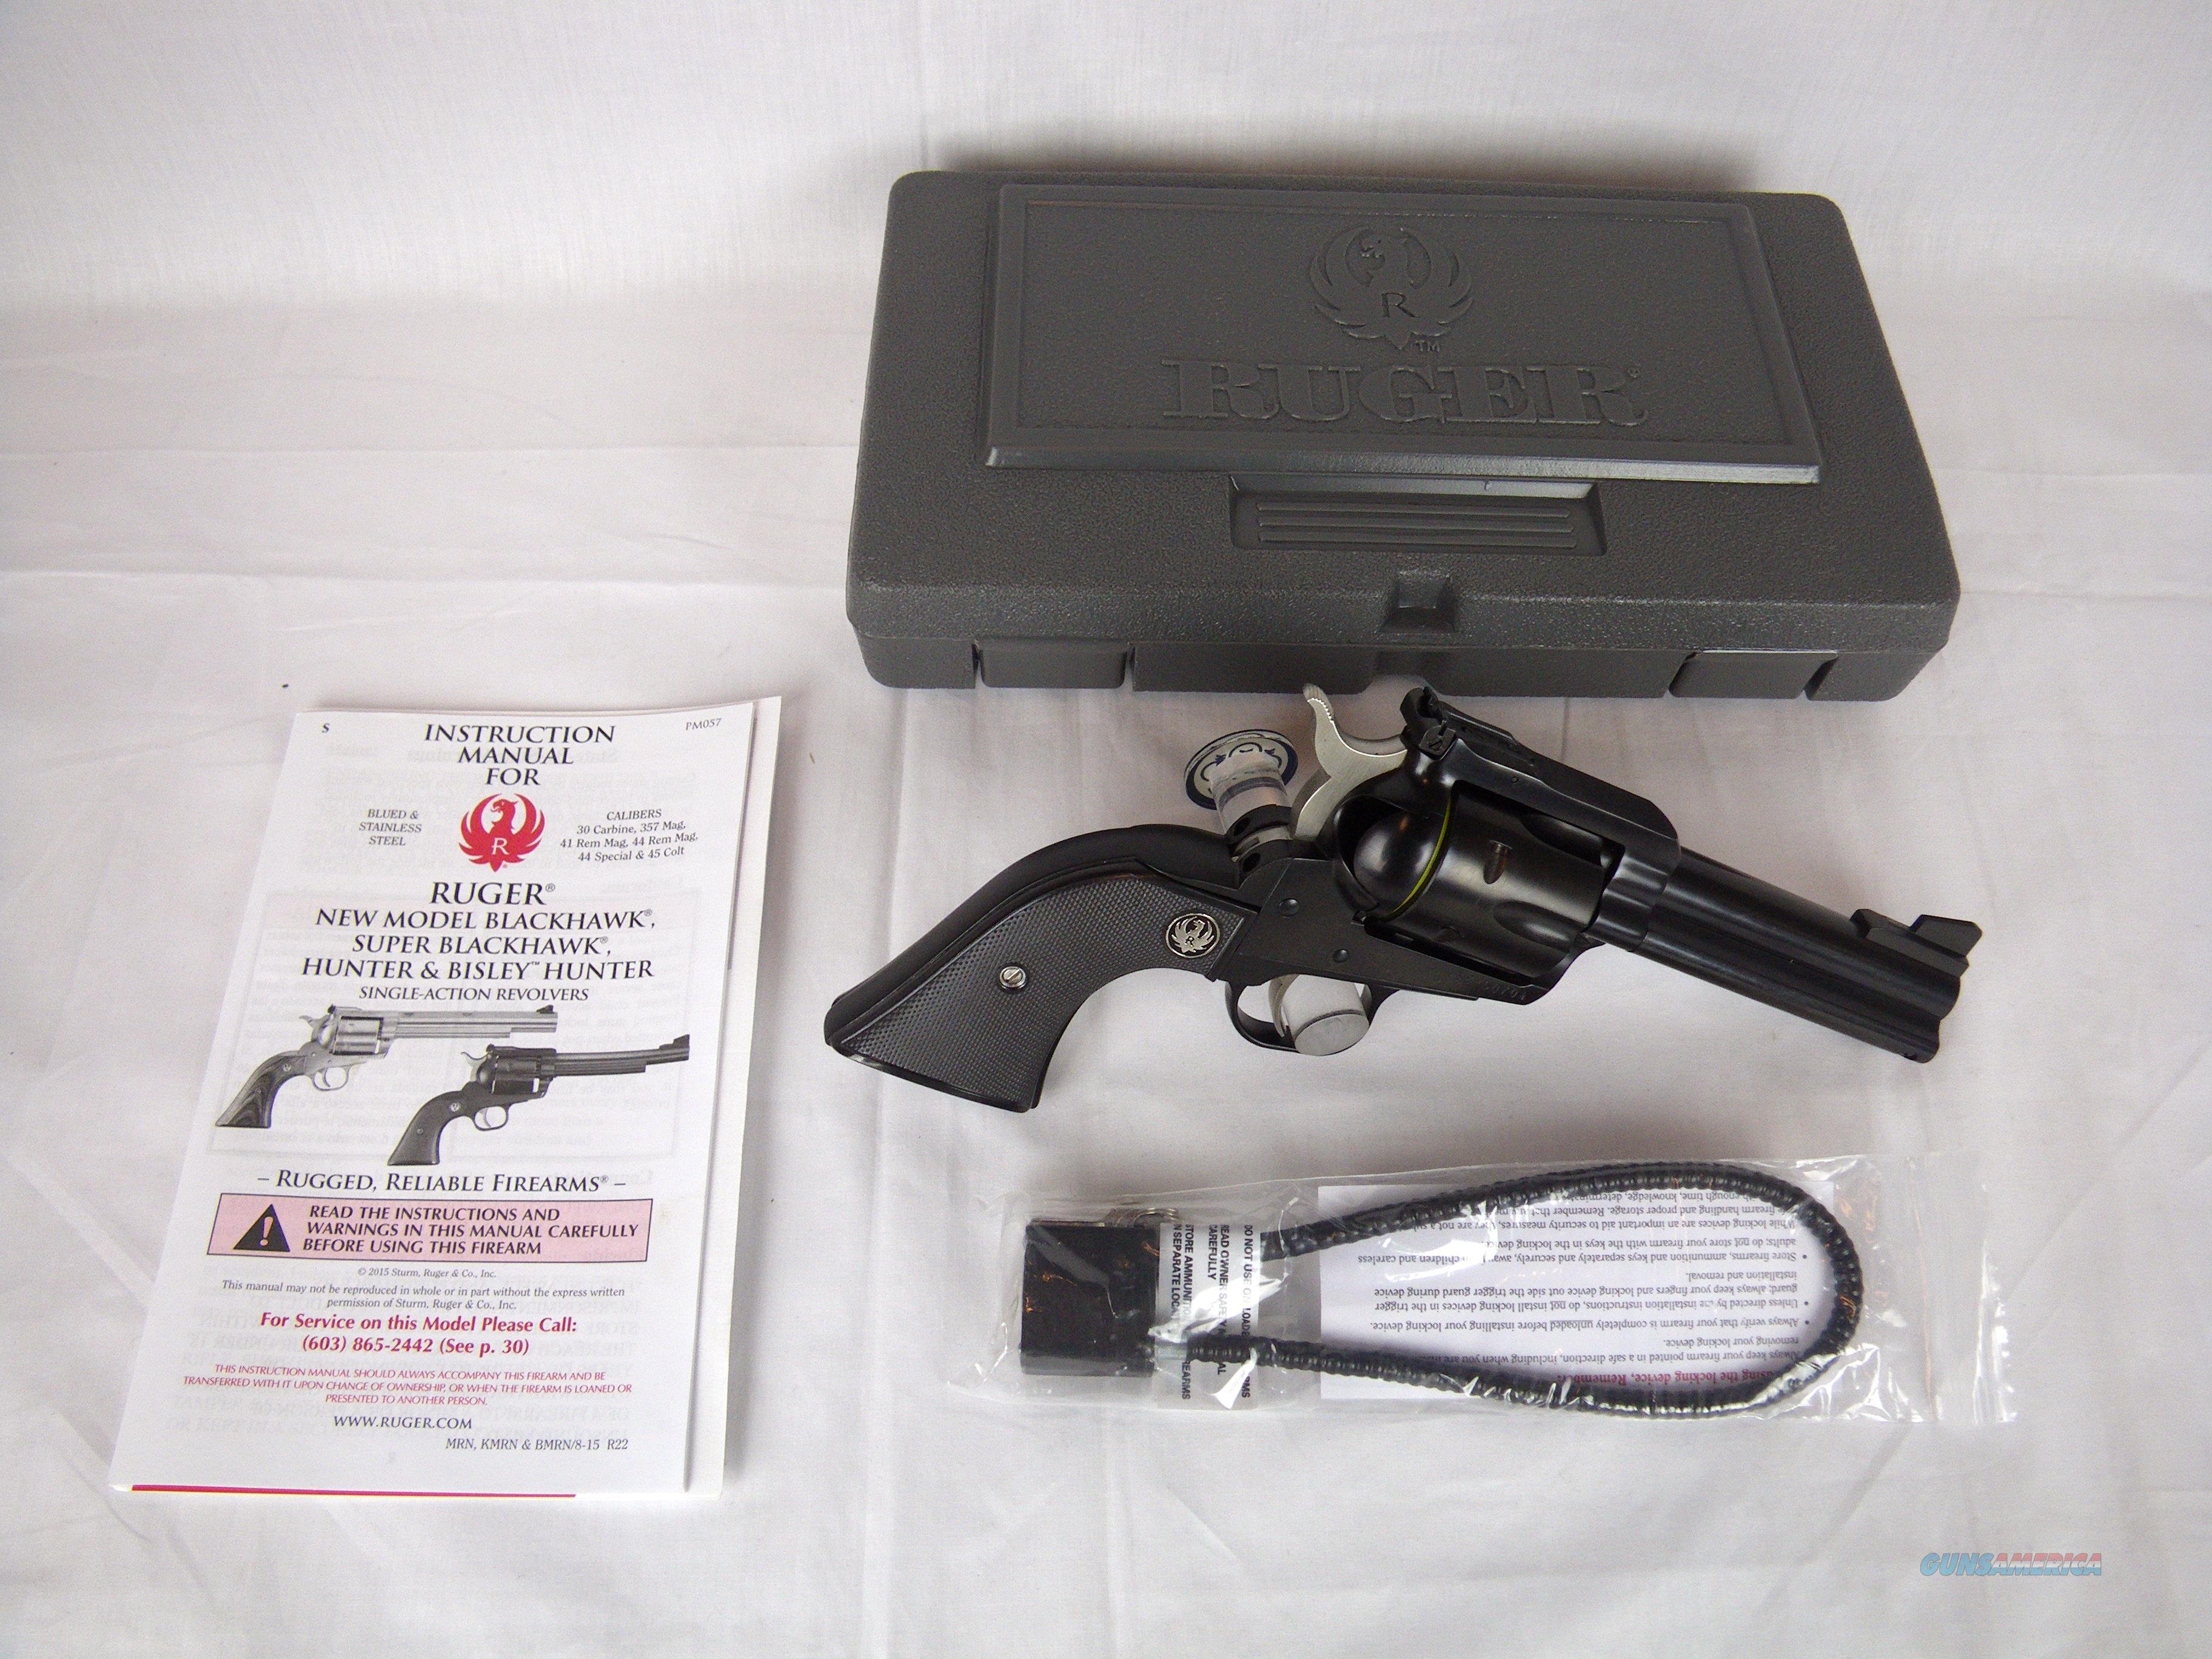 ruger blackhawk new model 4 62 41 rem mag new for sale rh gunsamerica com ruger new model blackhawk instruction manual Ruger New Model Blackhawk Holsters